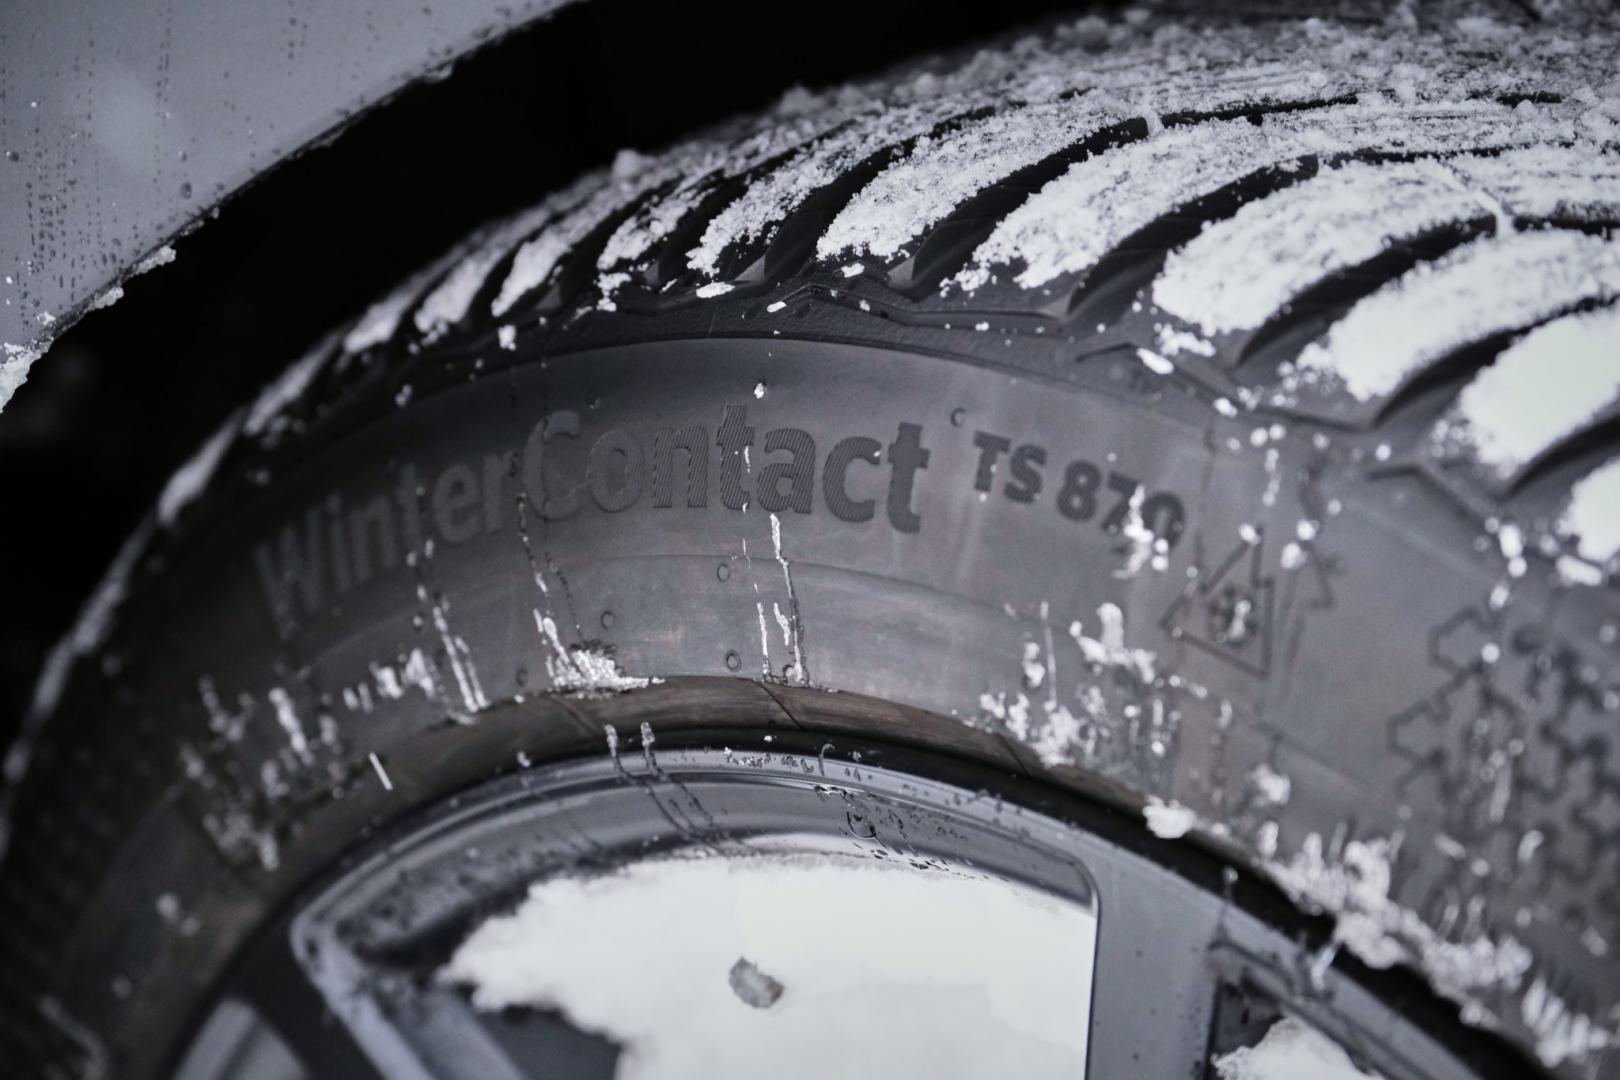 A Continental már a téli gumiabroncsokban gondolkodik!